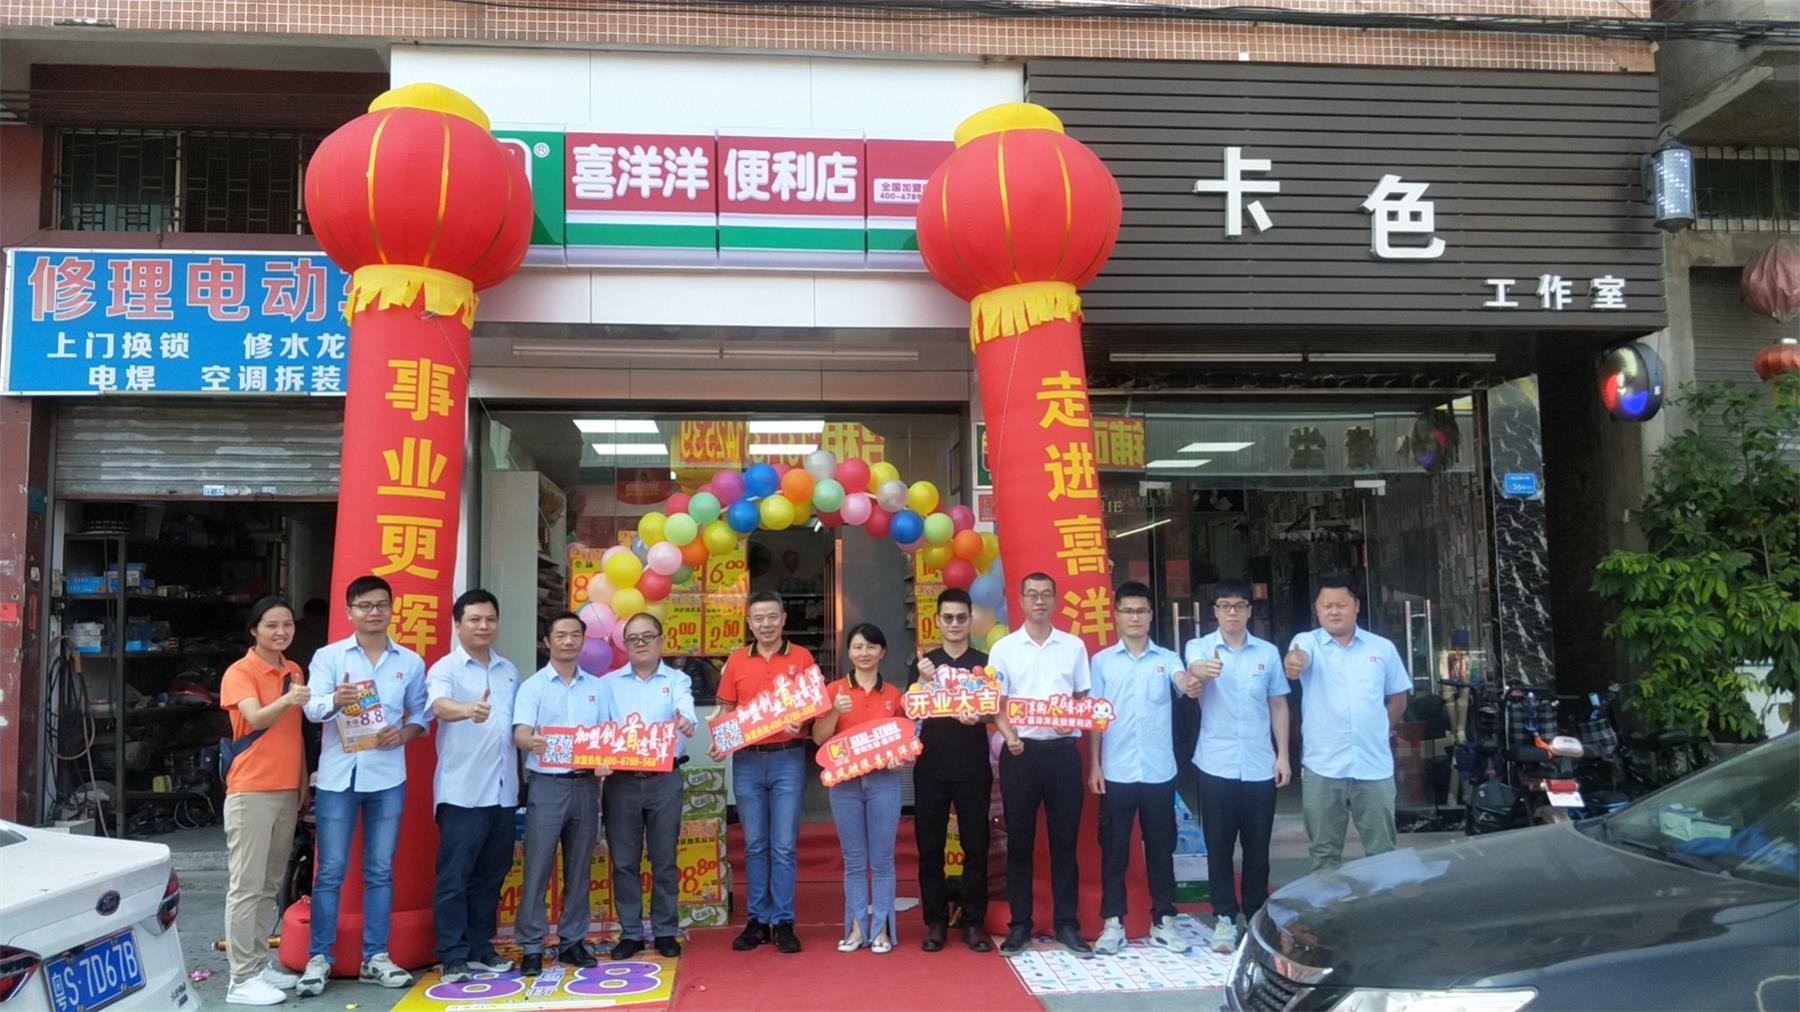 喜洋洋全体员工热烈庆祝东城塘兴分店11月7日隆重开业!